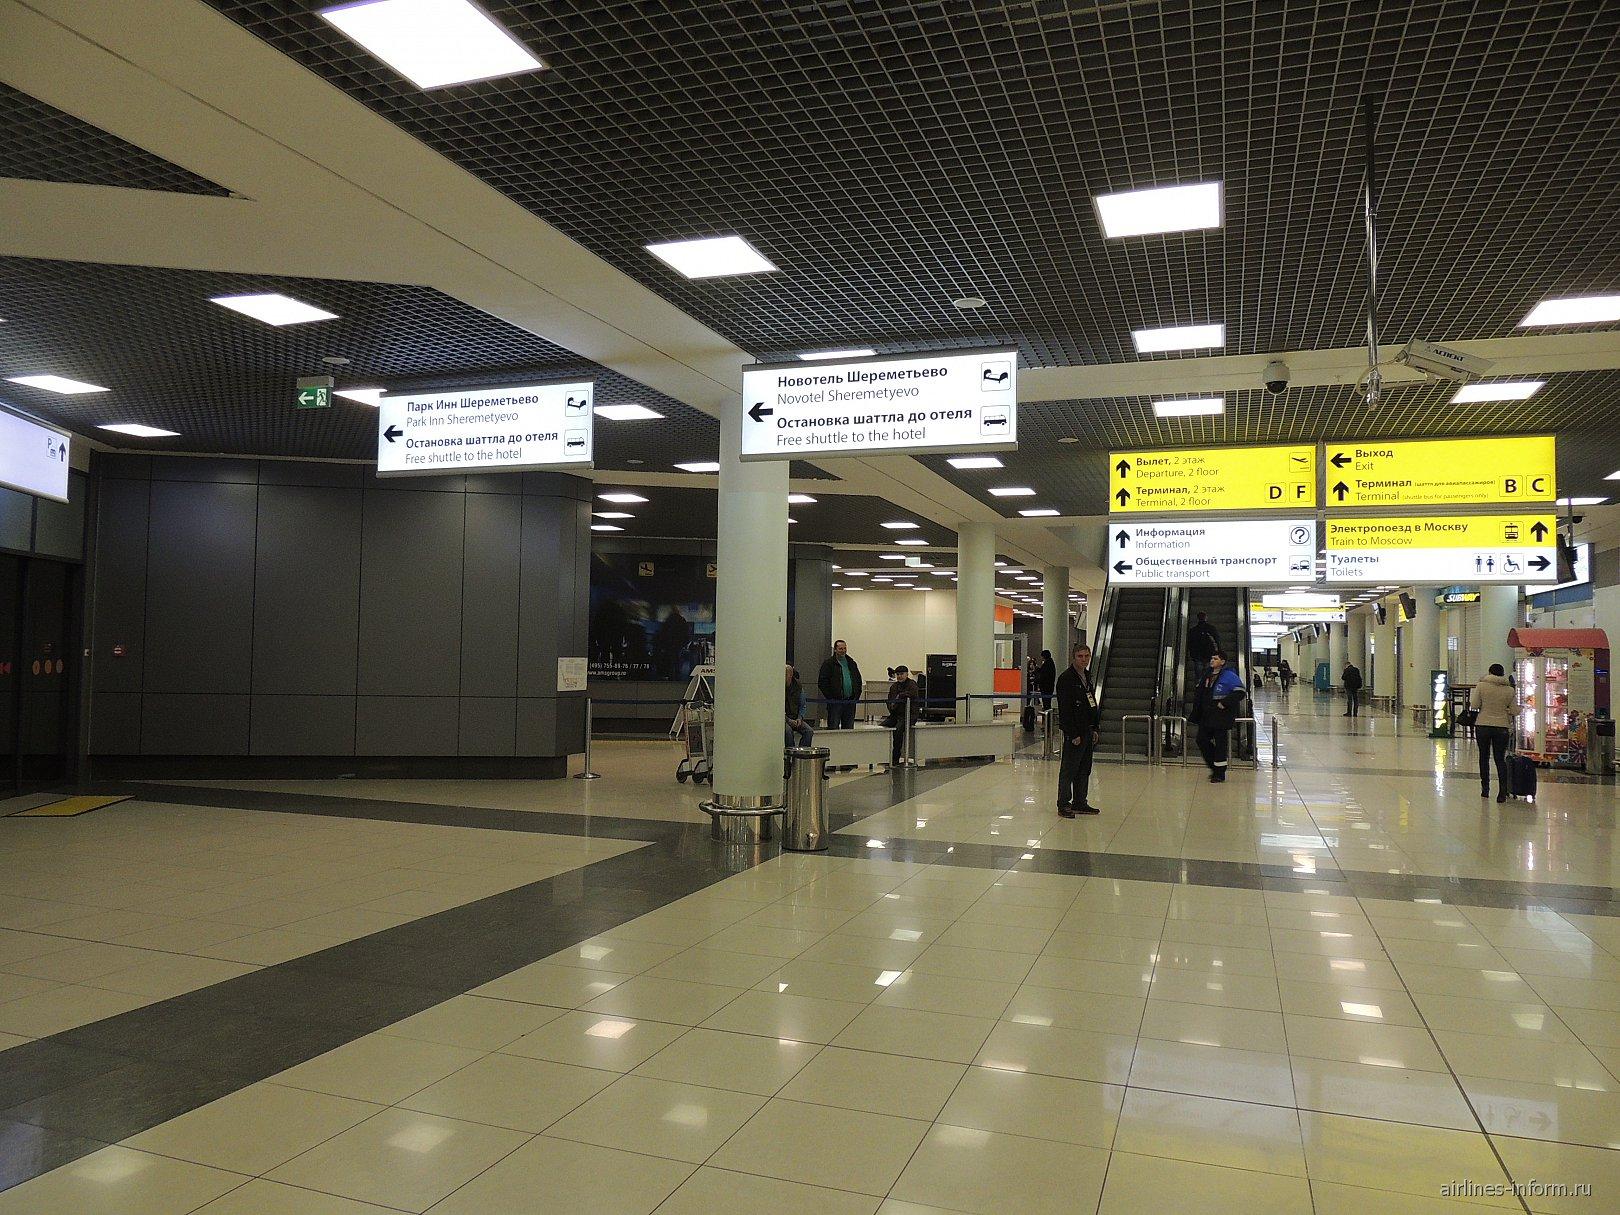 Зал прилета в терминале Е аэропорта Шереметьево